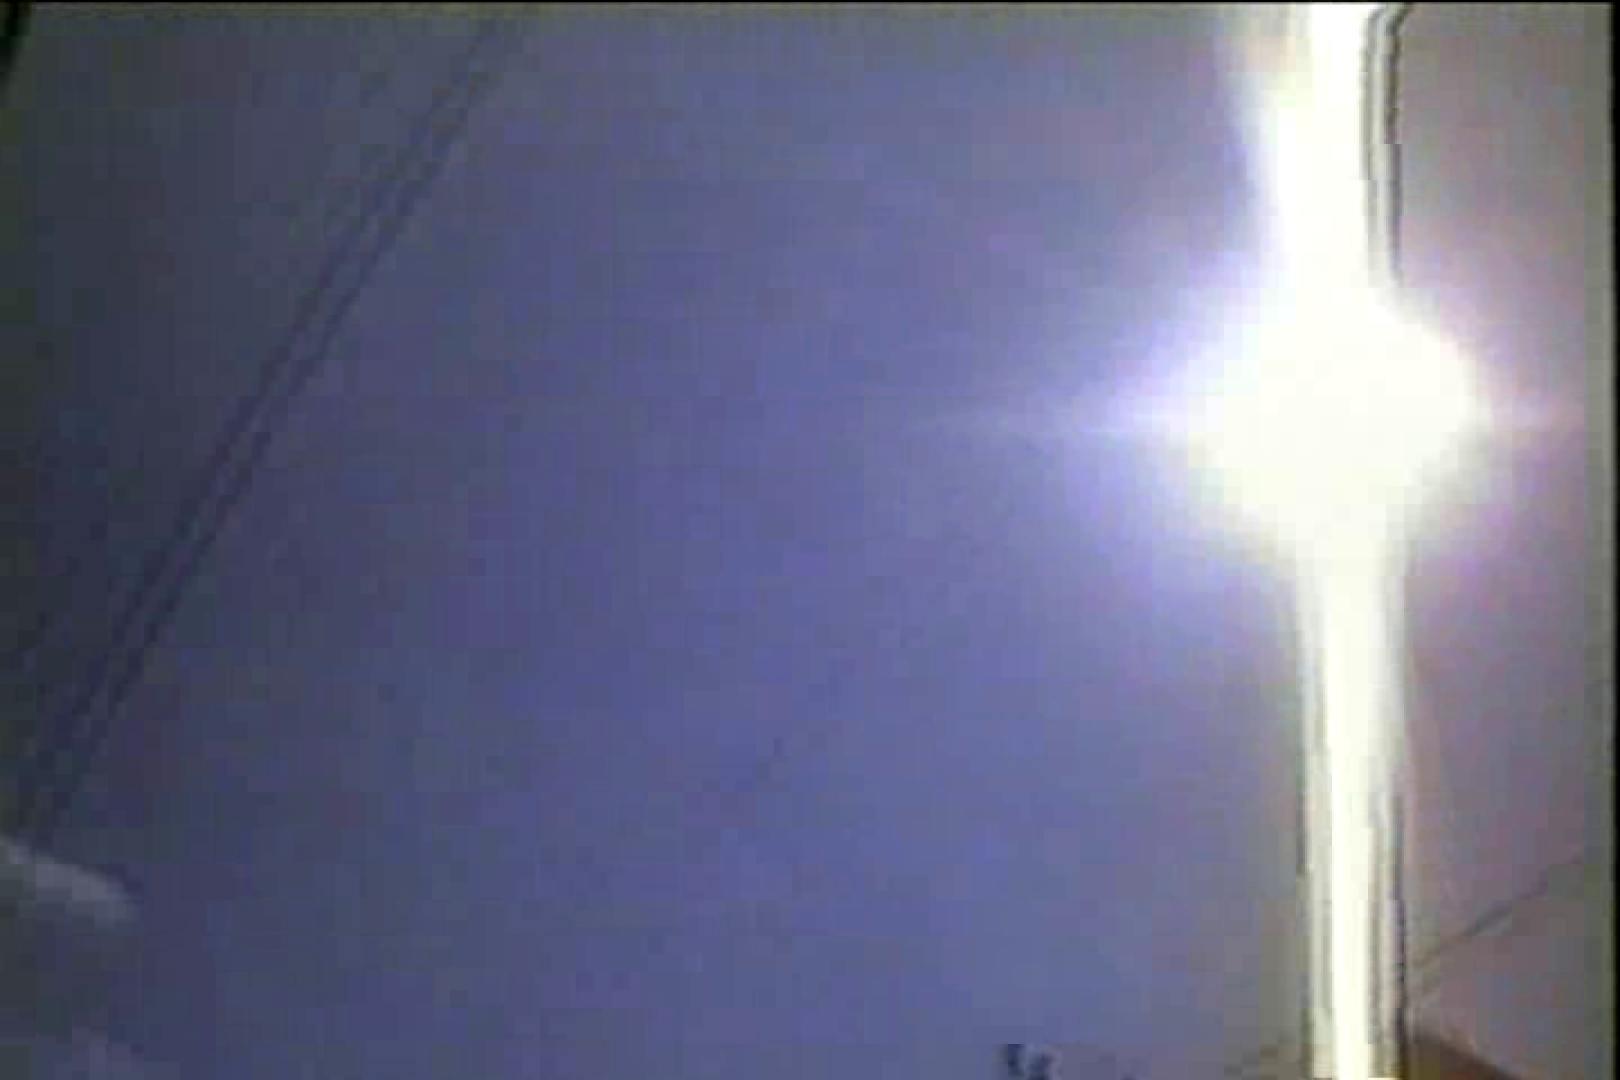 関西発!タツヤのDV直撮り大追跡Vol.1 OLエロ画像 | 追跡  109PICs 9